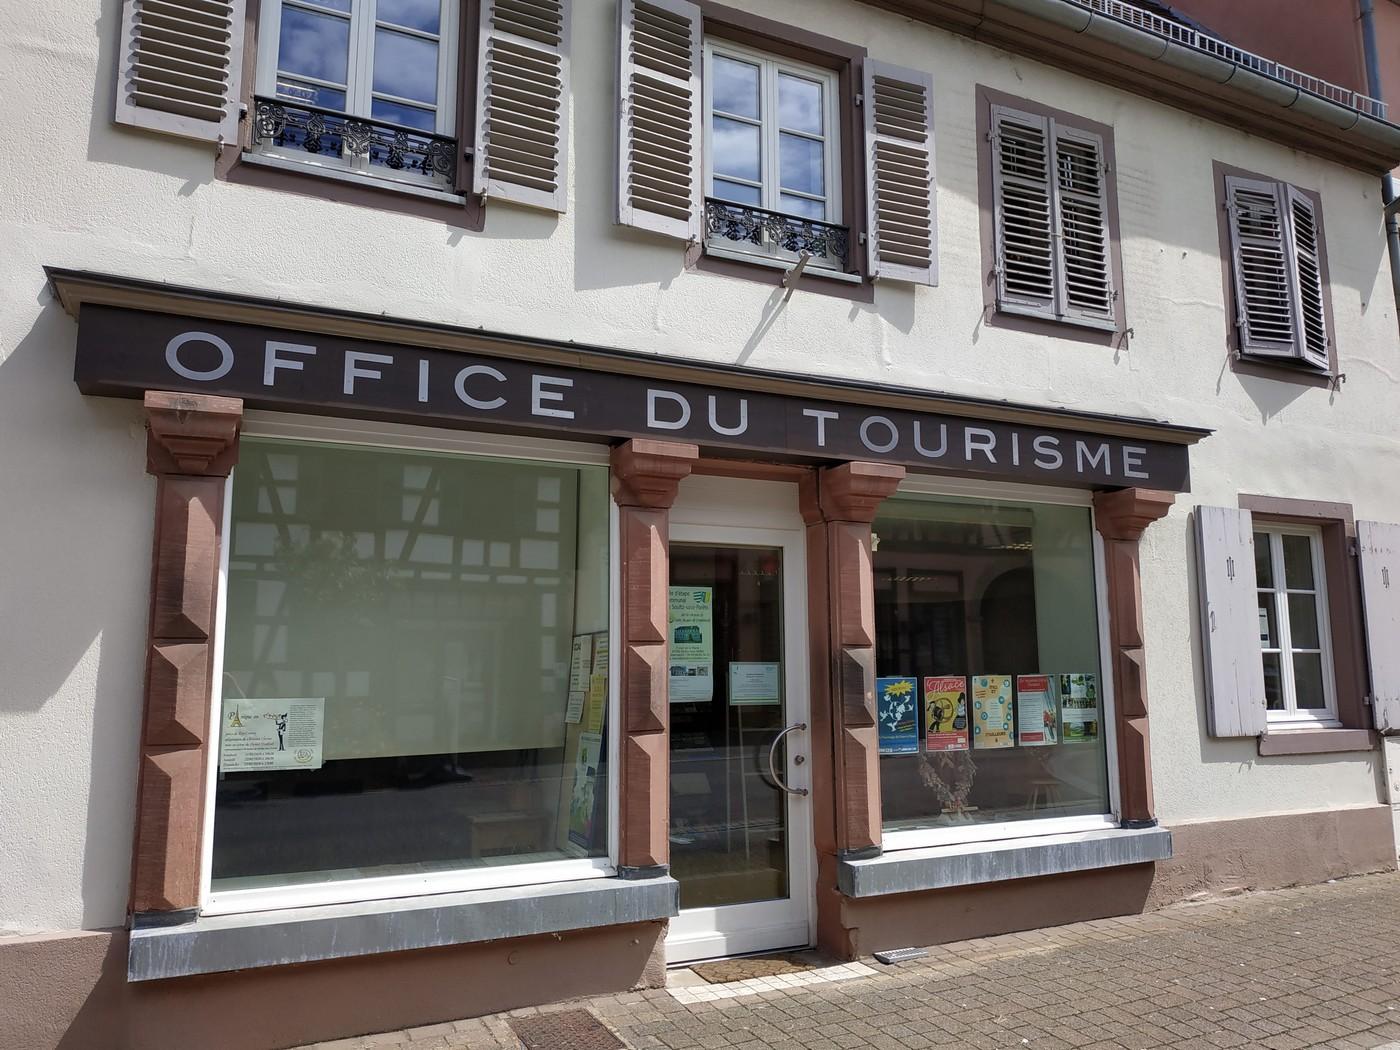 Office de tourisme de l 39 outre for t soultz sous for ts - Office du tourisme seignosse le penon ...